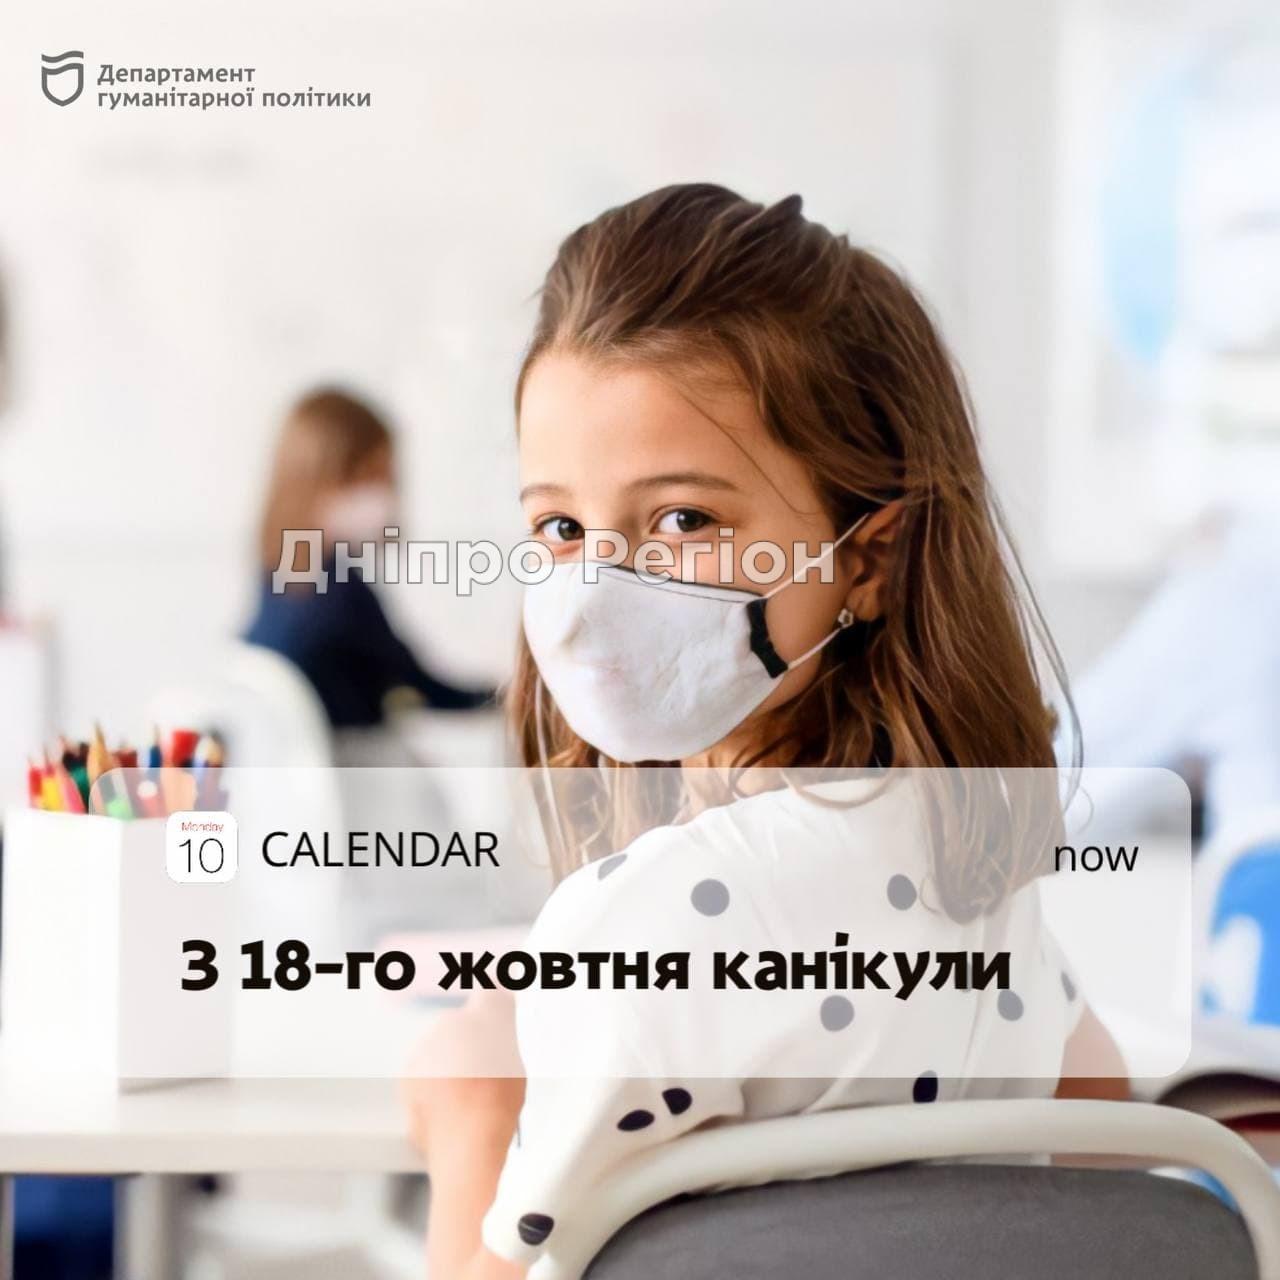 У Дніпрі вводять позачергові канікули в школах: як будуть працювати дитячі садочки